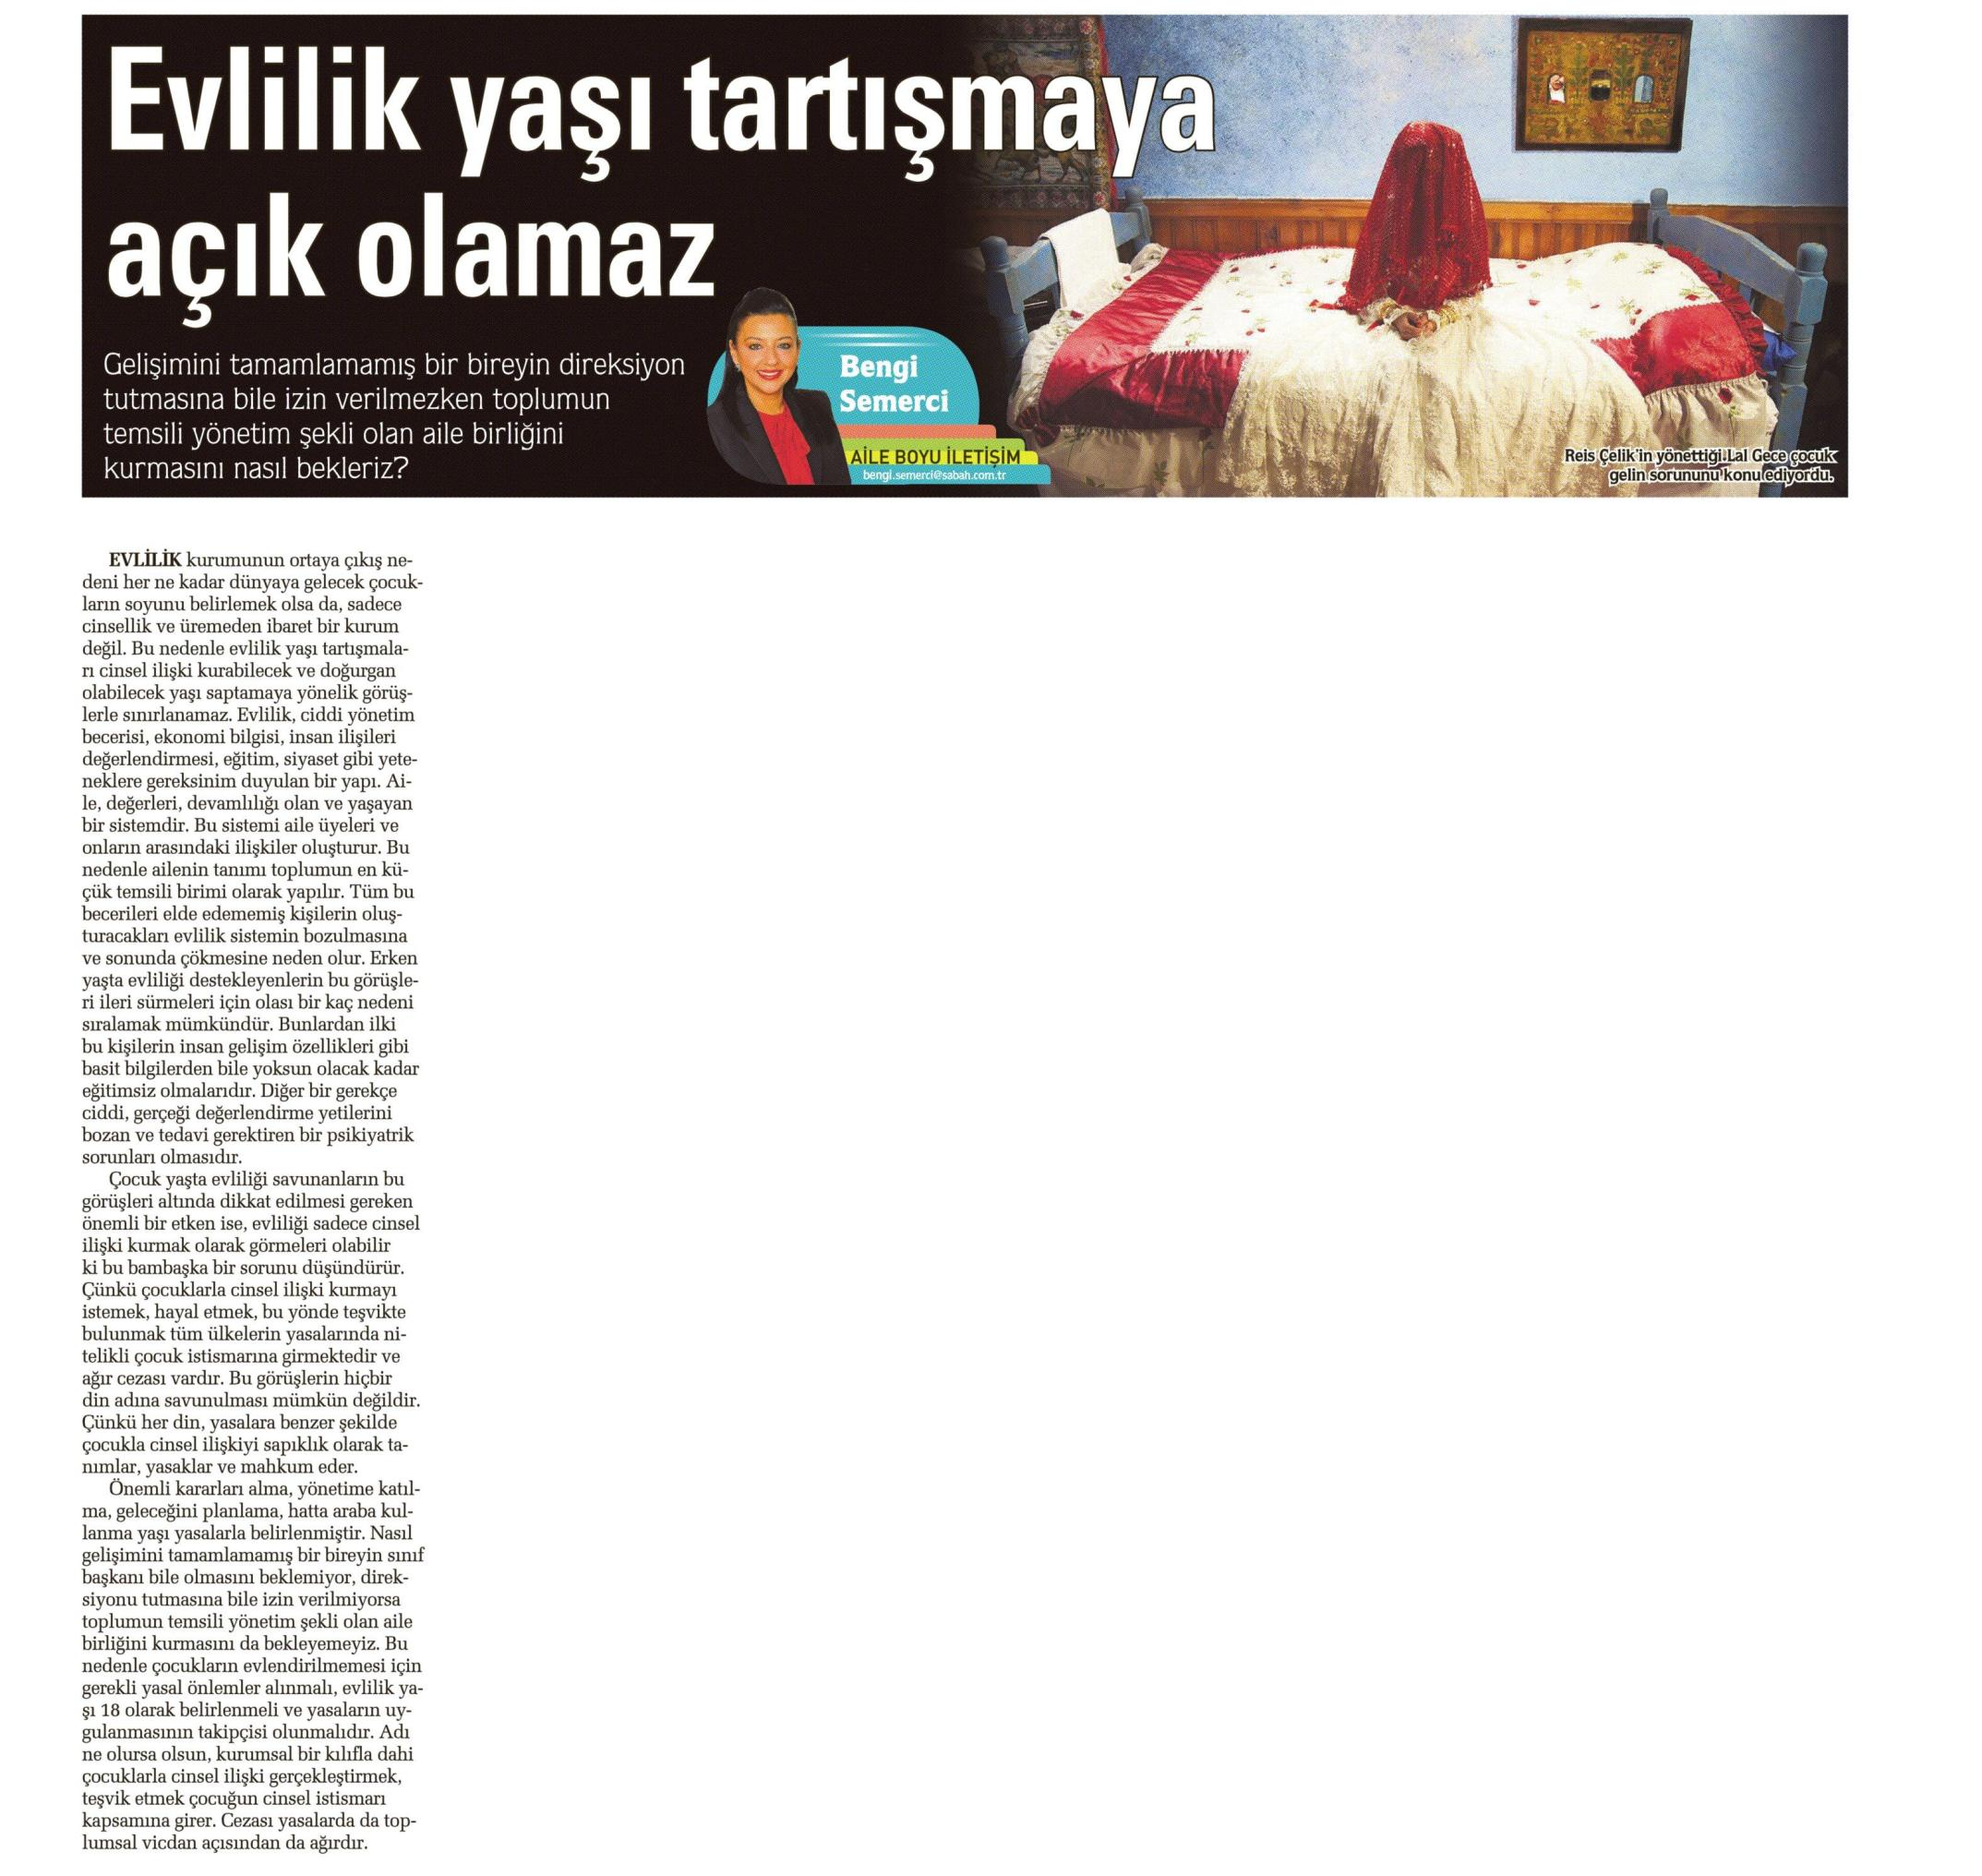 Evlilik yaşı tartışmaya açık olamaz - SABAH CUMARTESİ 17.01.2015 </p> <p>